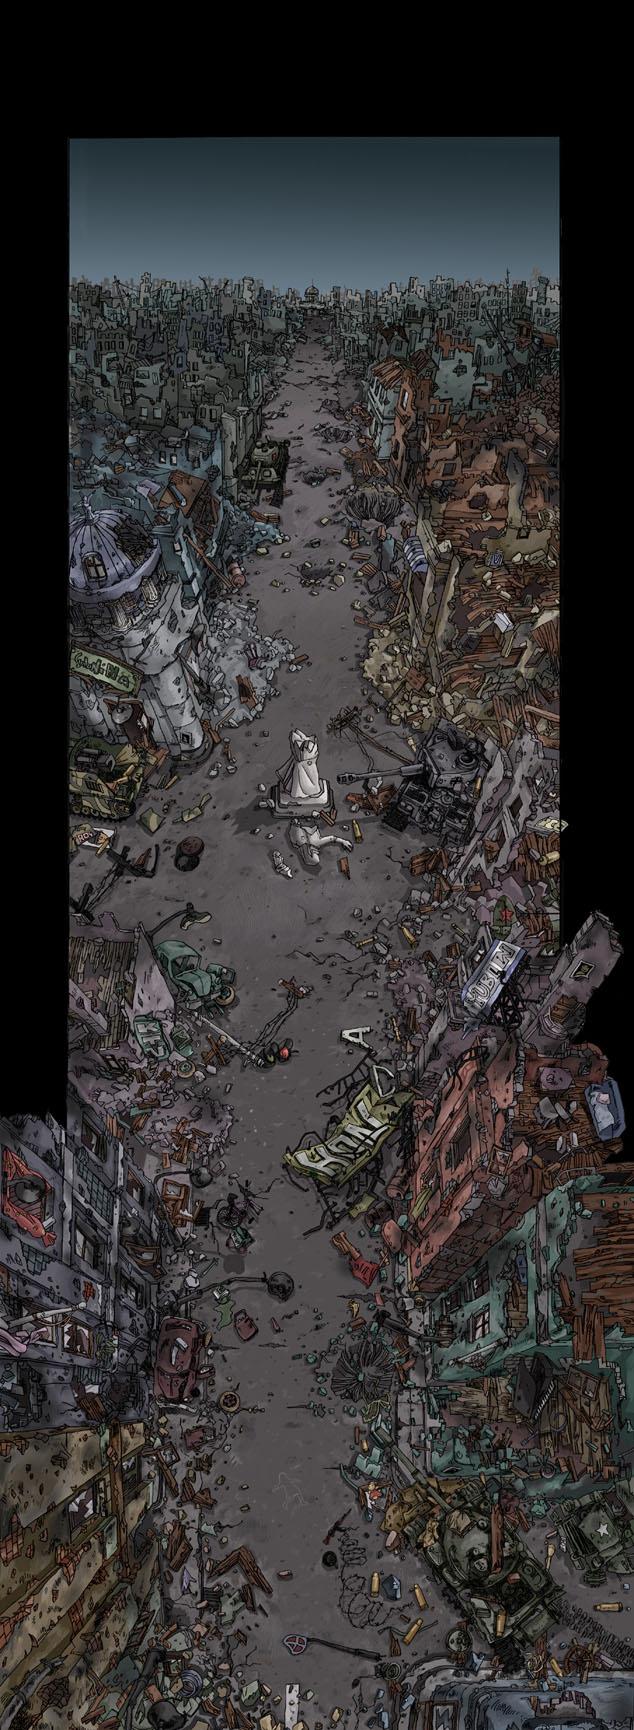 战争废墟场景-单幅漫画-动漫-设计作品-中国设计之窗